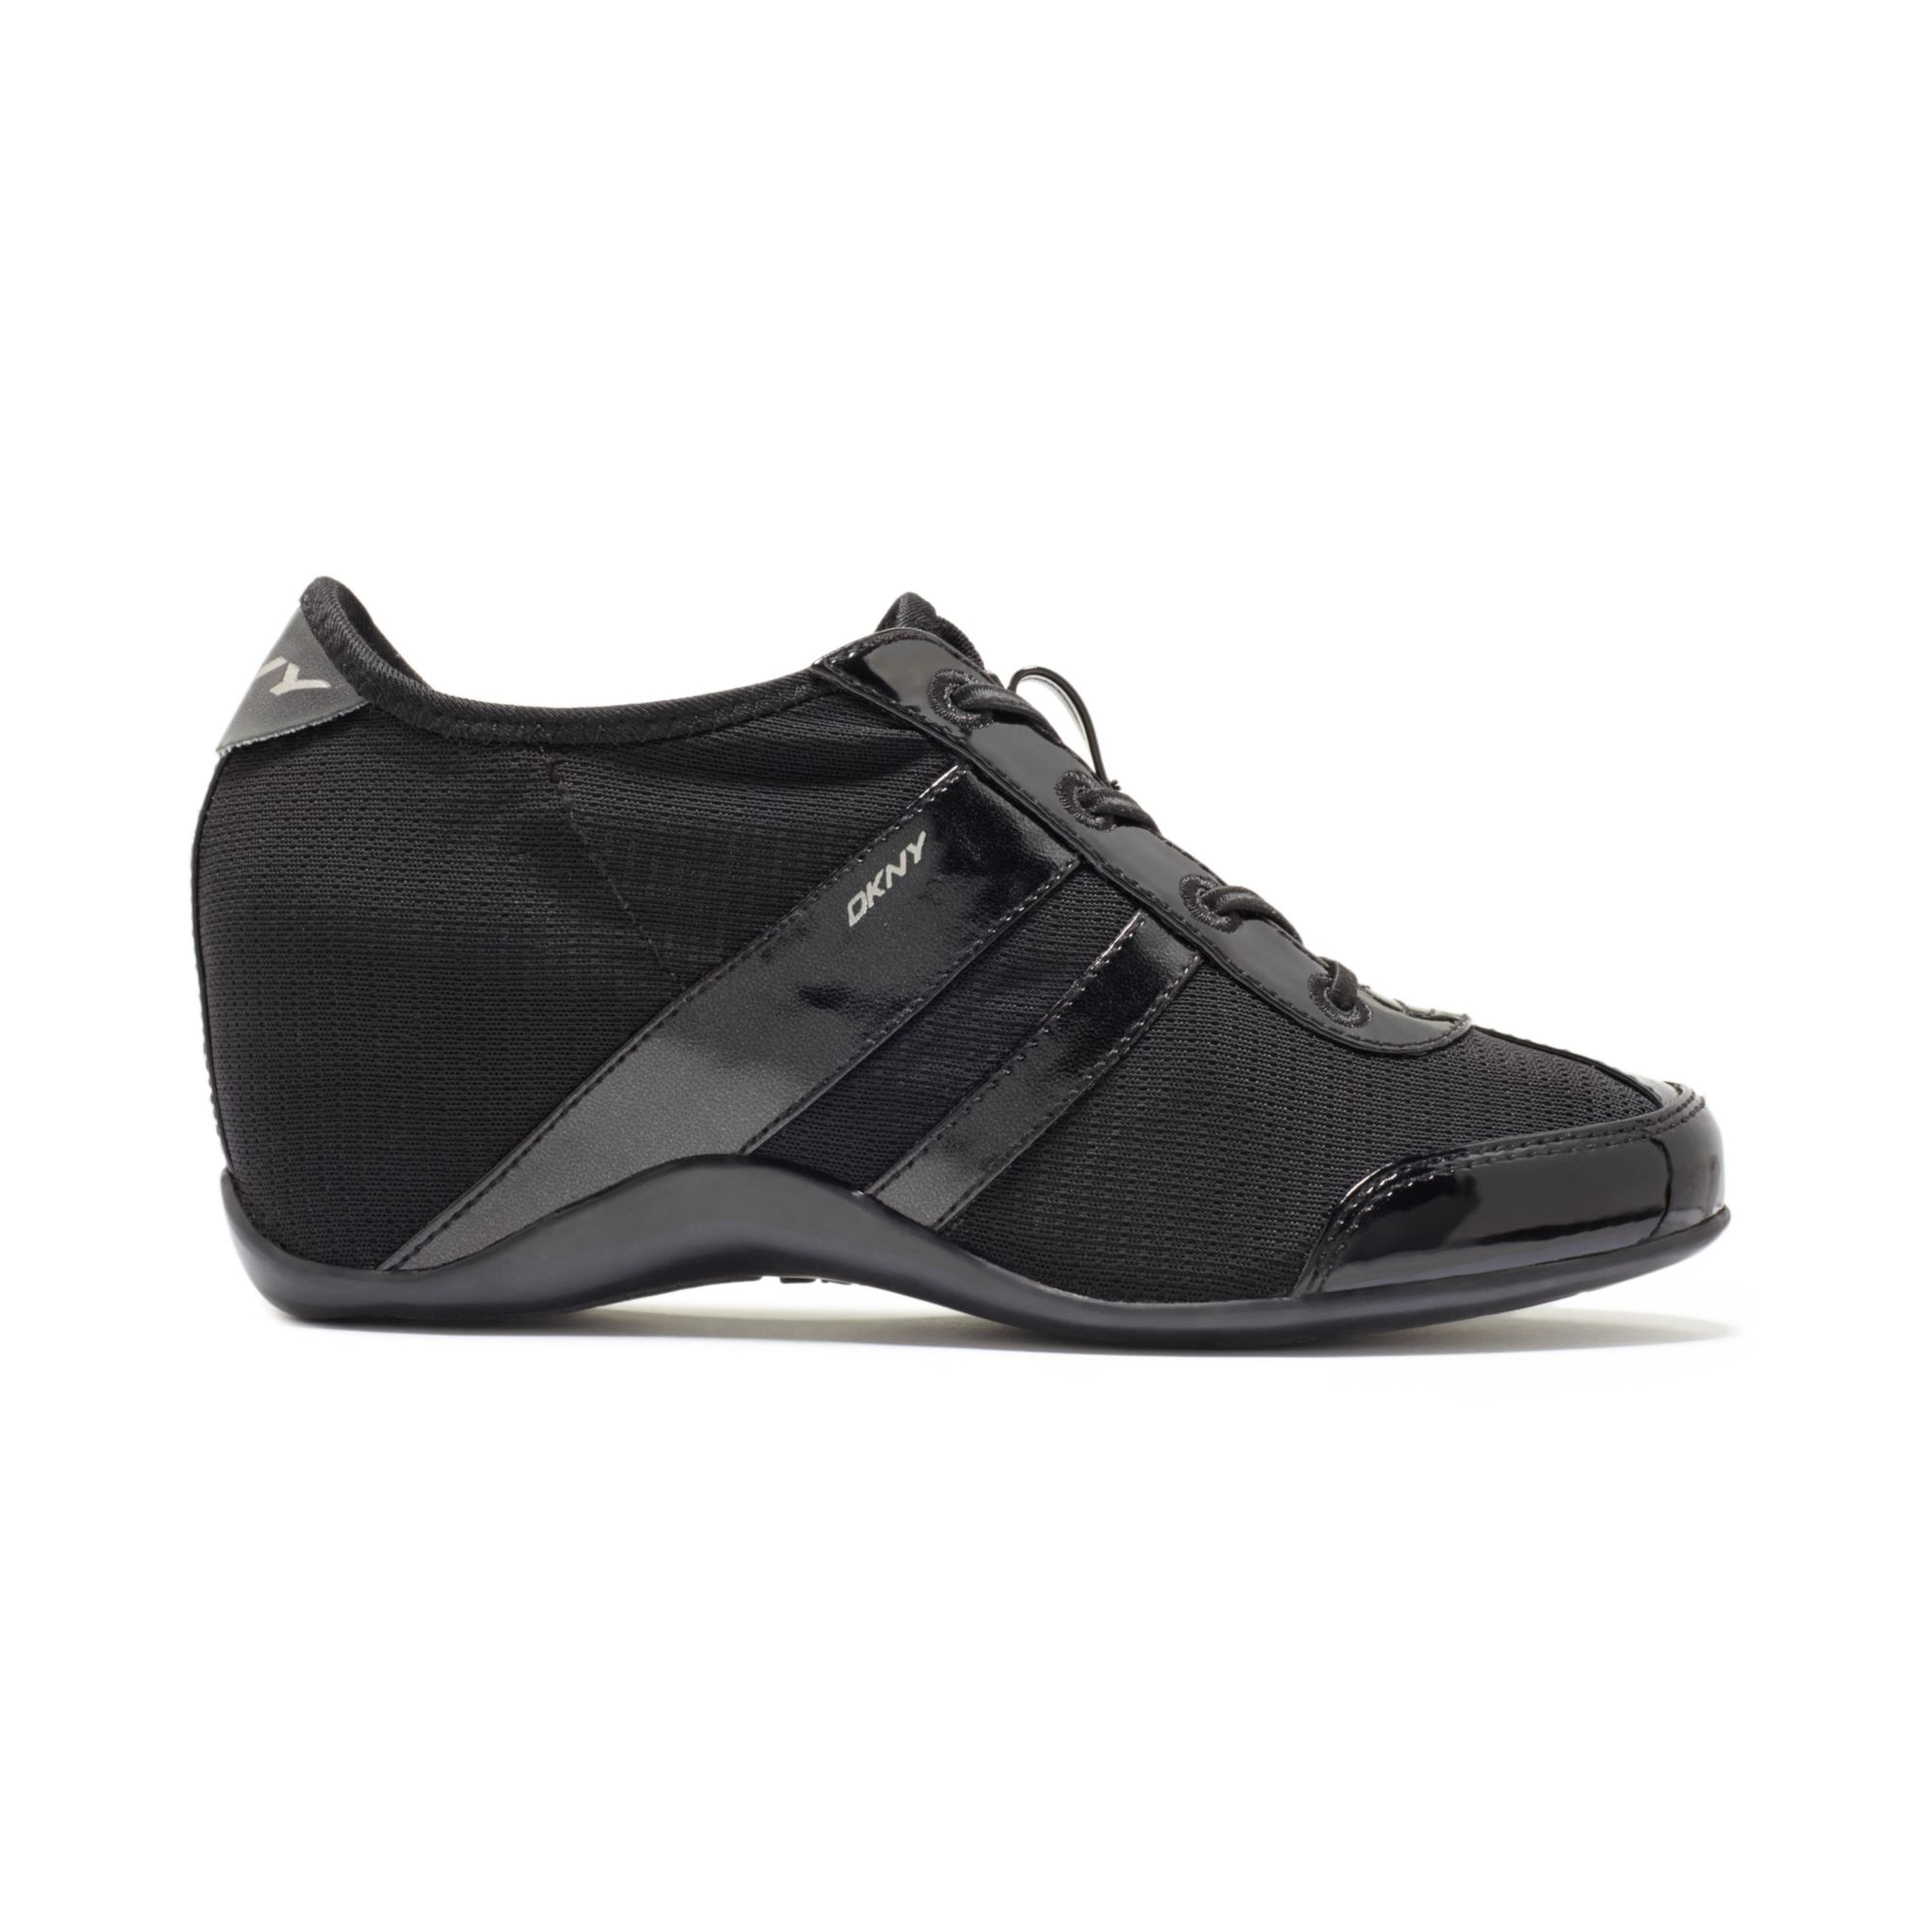 Dkny Paige Wedge Sneakers in Black